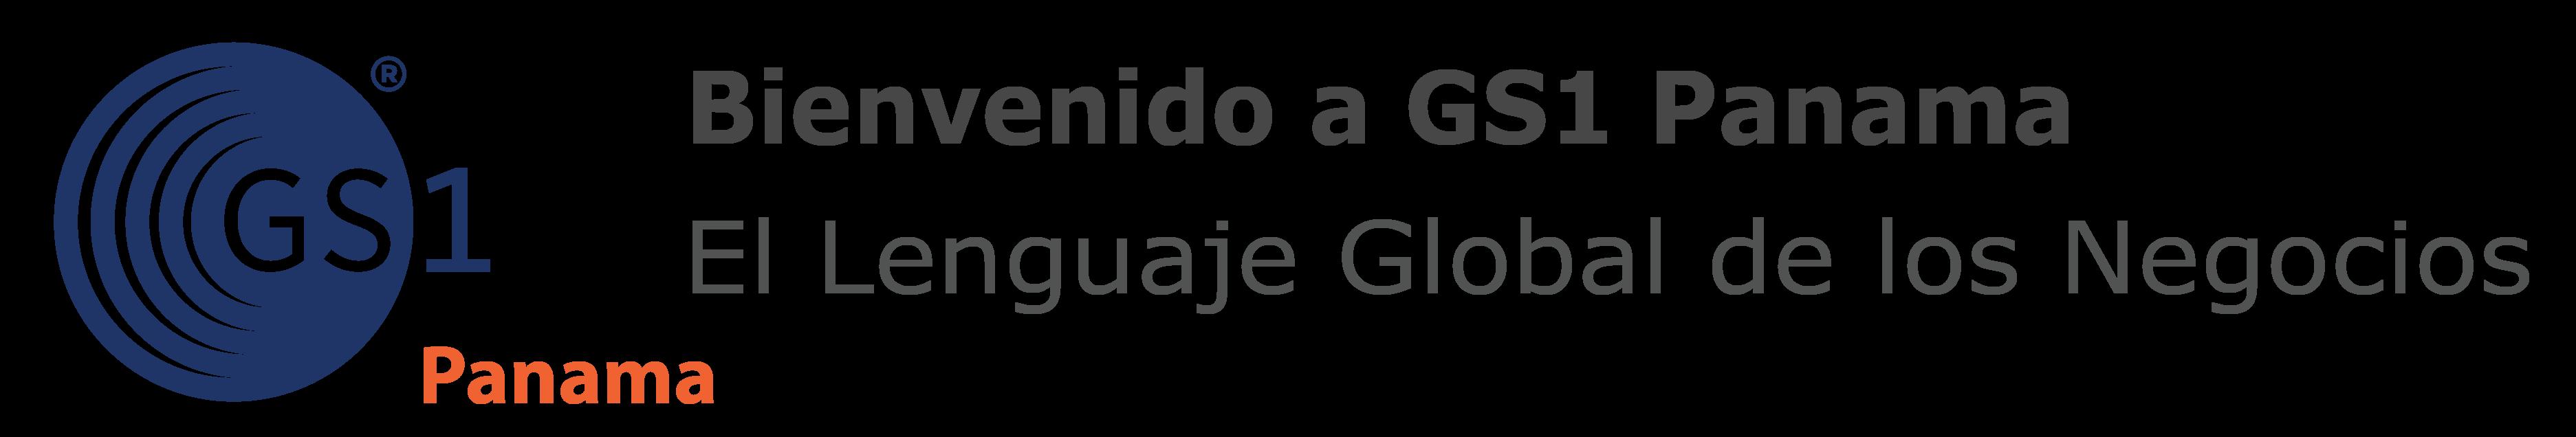 GS1 Panama